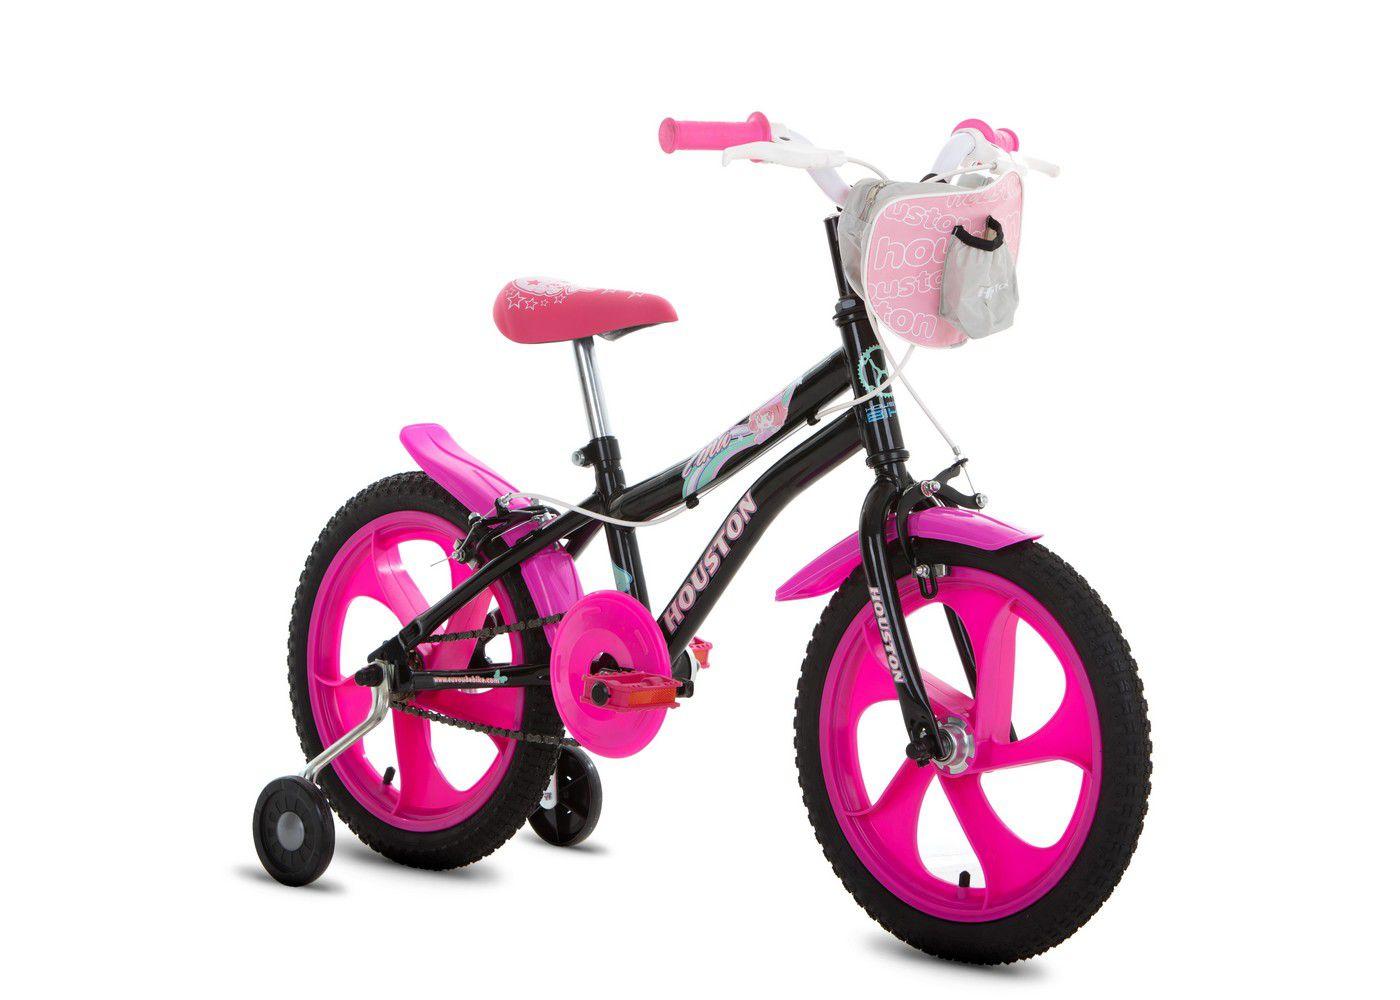 Bicicleta infantil Aro 16 Feminina Tina - Houston